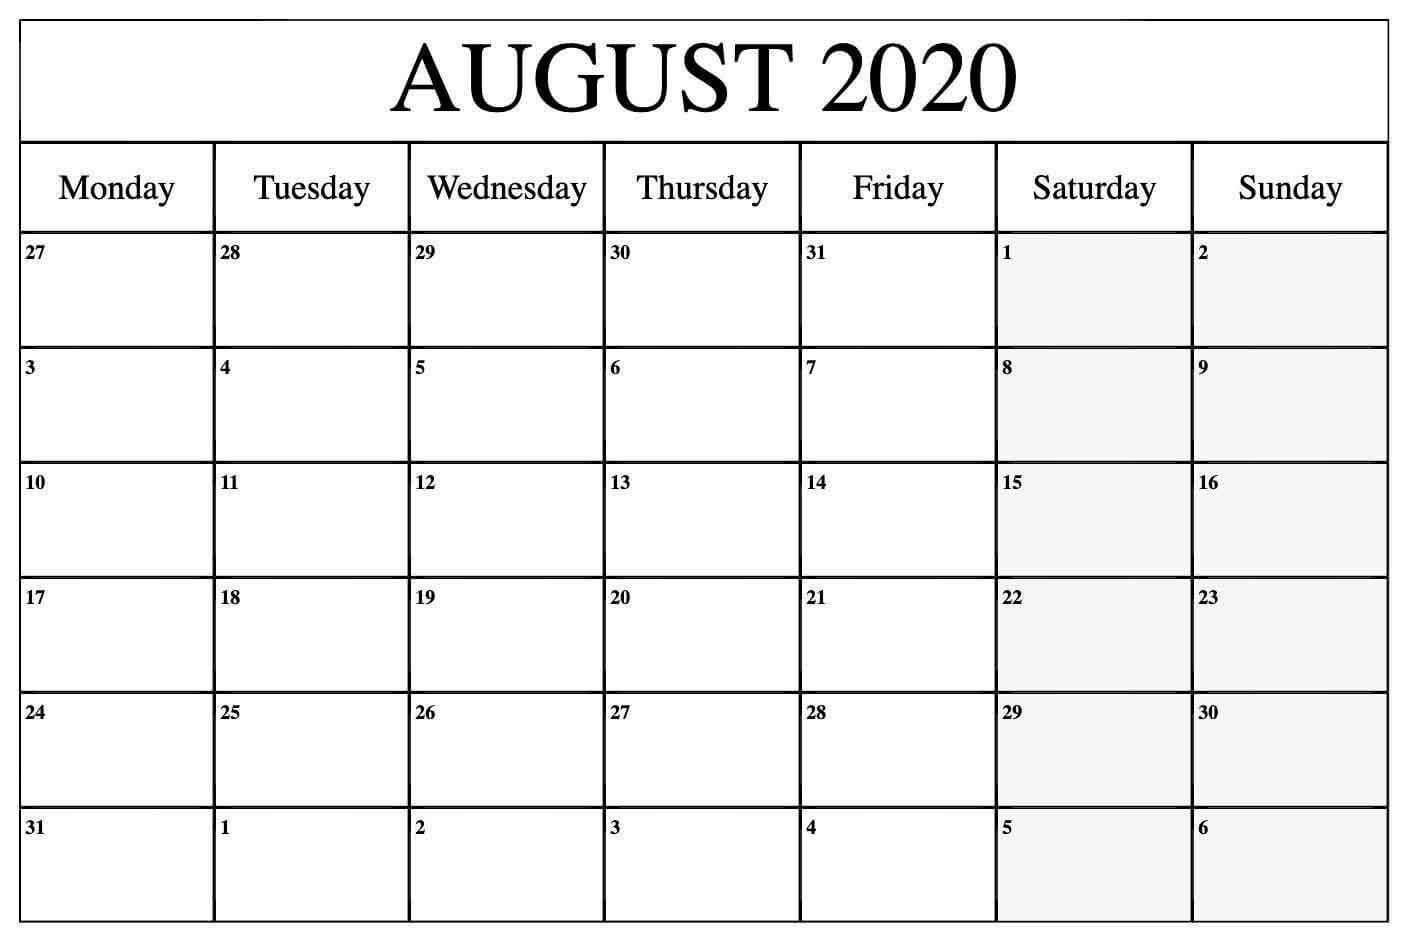 Download August 2020 Calendar Template